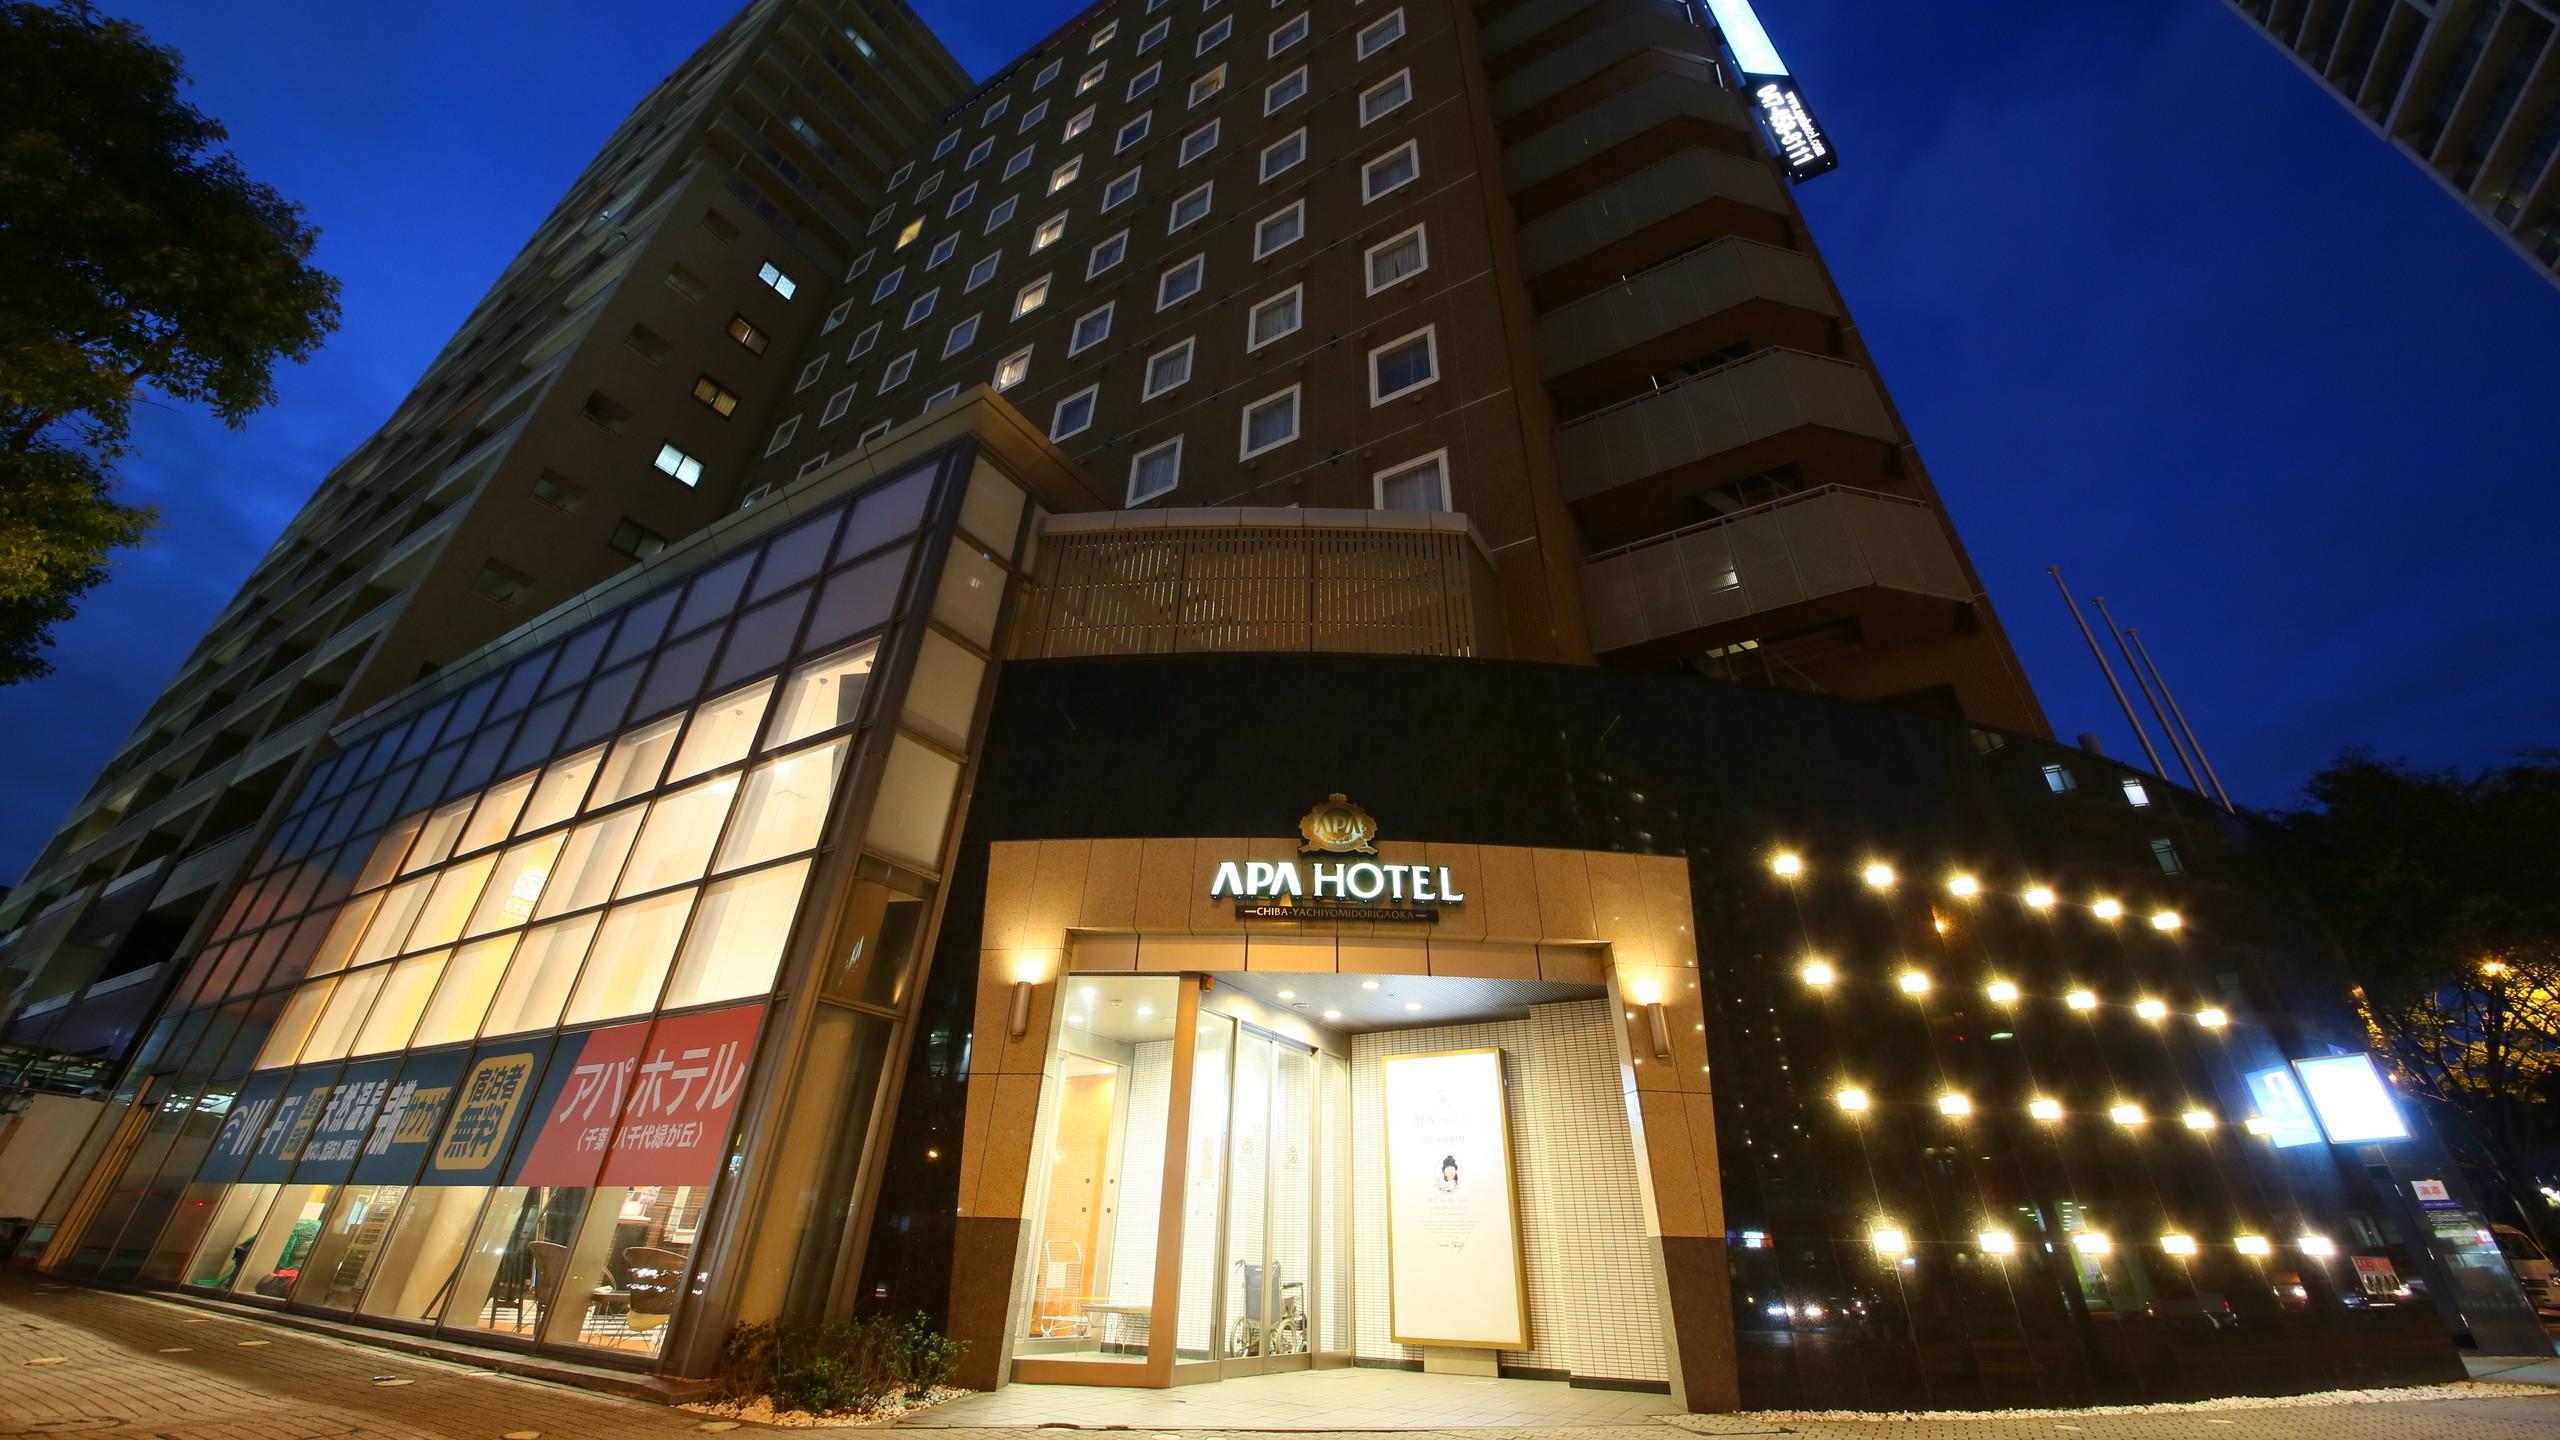 アパホテル 千葉八千代緑が丘◆楽天トラベル